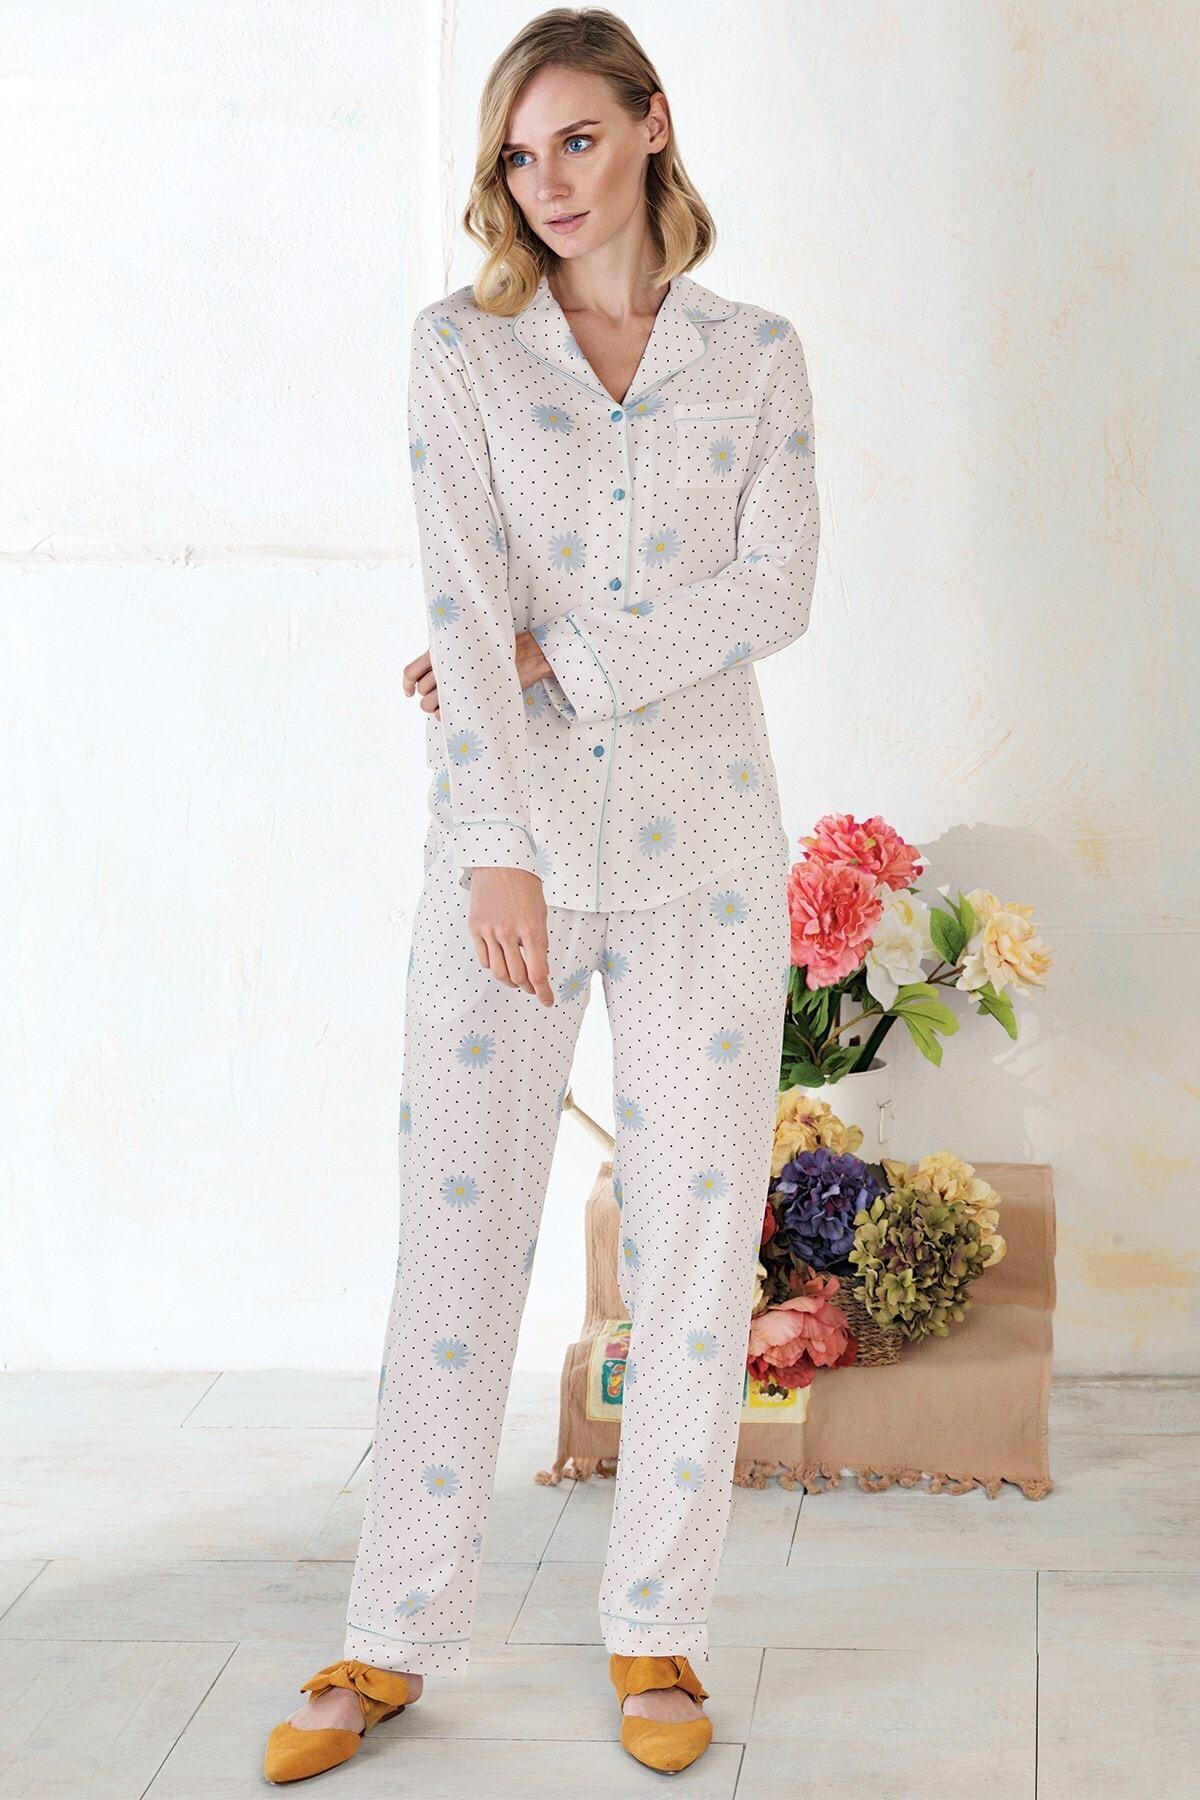 Lohusa Sepeti Pietra Lungo Önden Düğmeli Pijama Takımı 1183 2